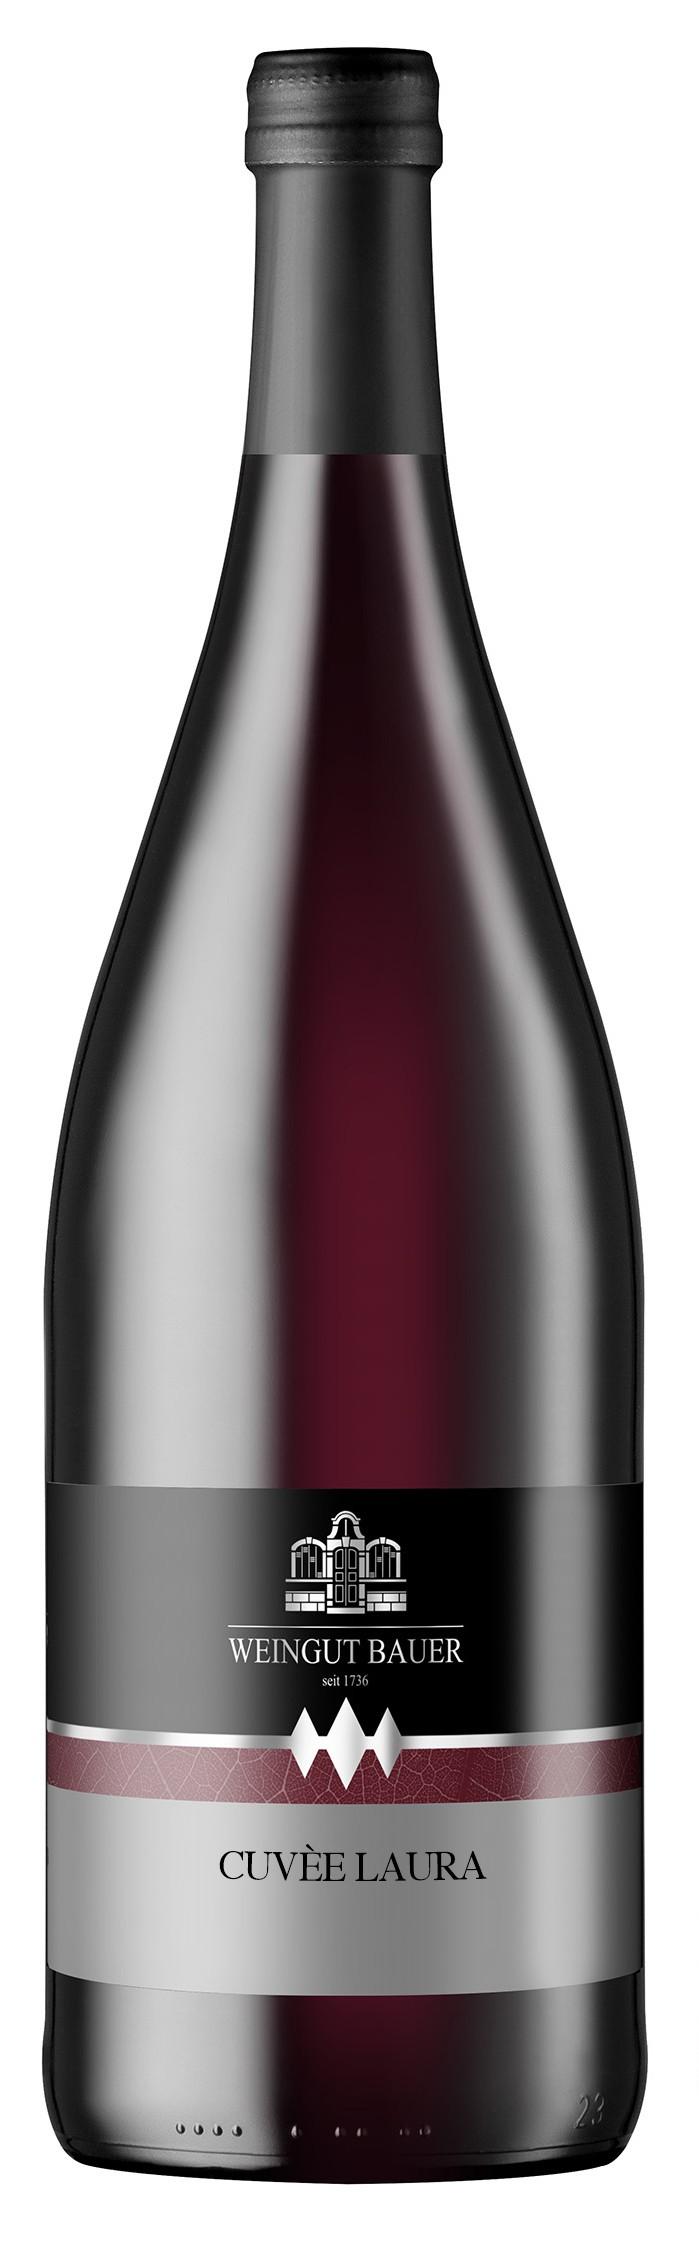 2014 Cuvee Laura, Rotwein, Qualitätswein 1000ml